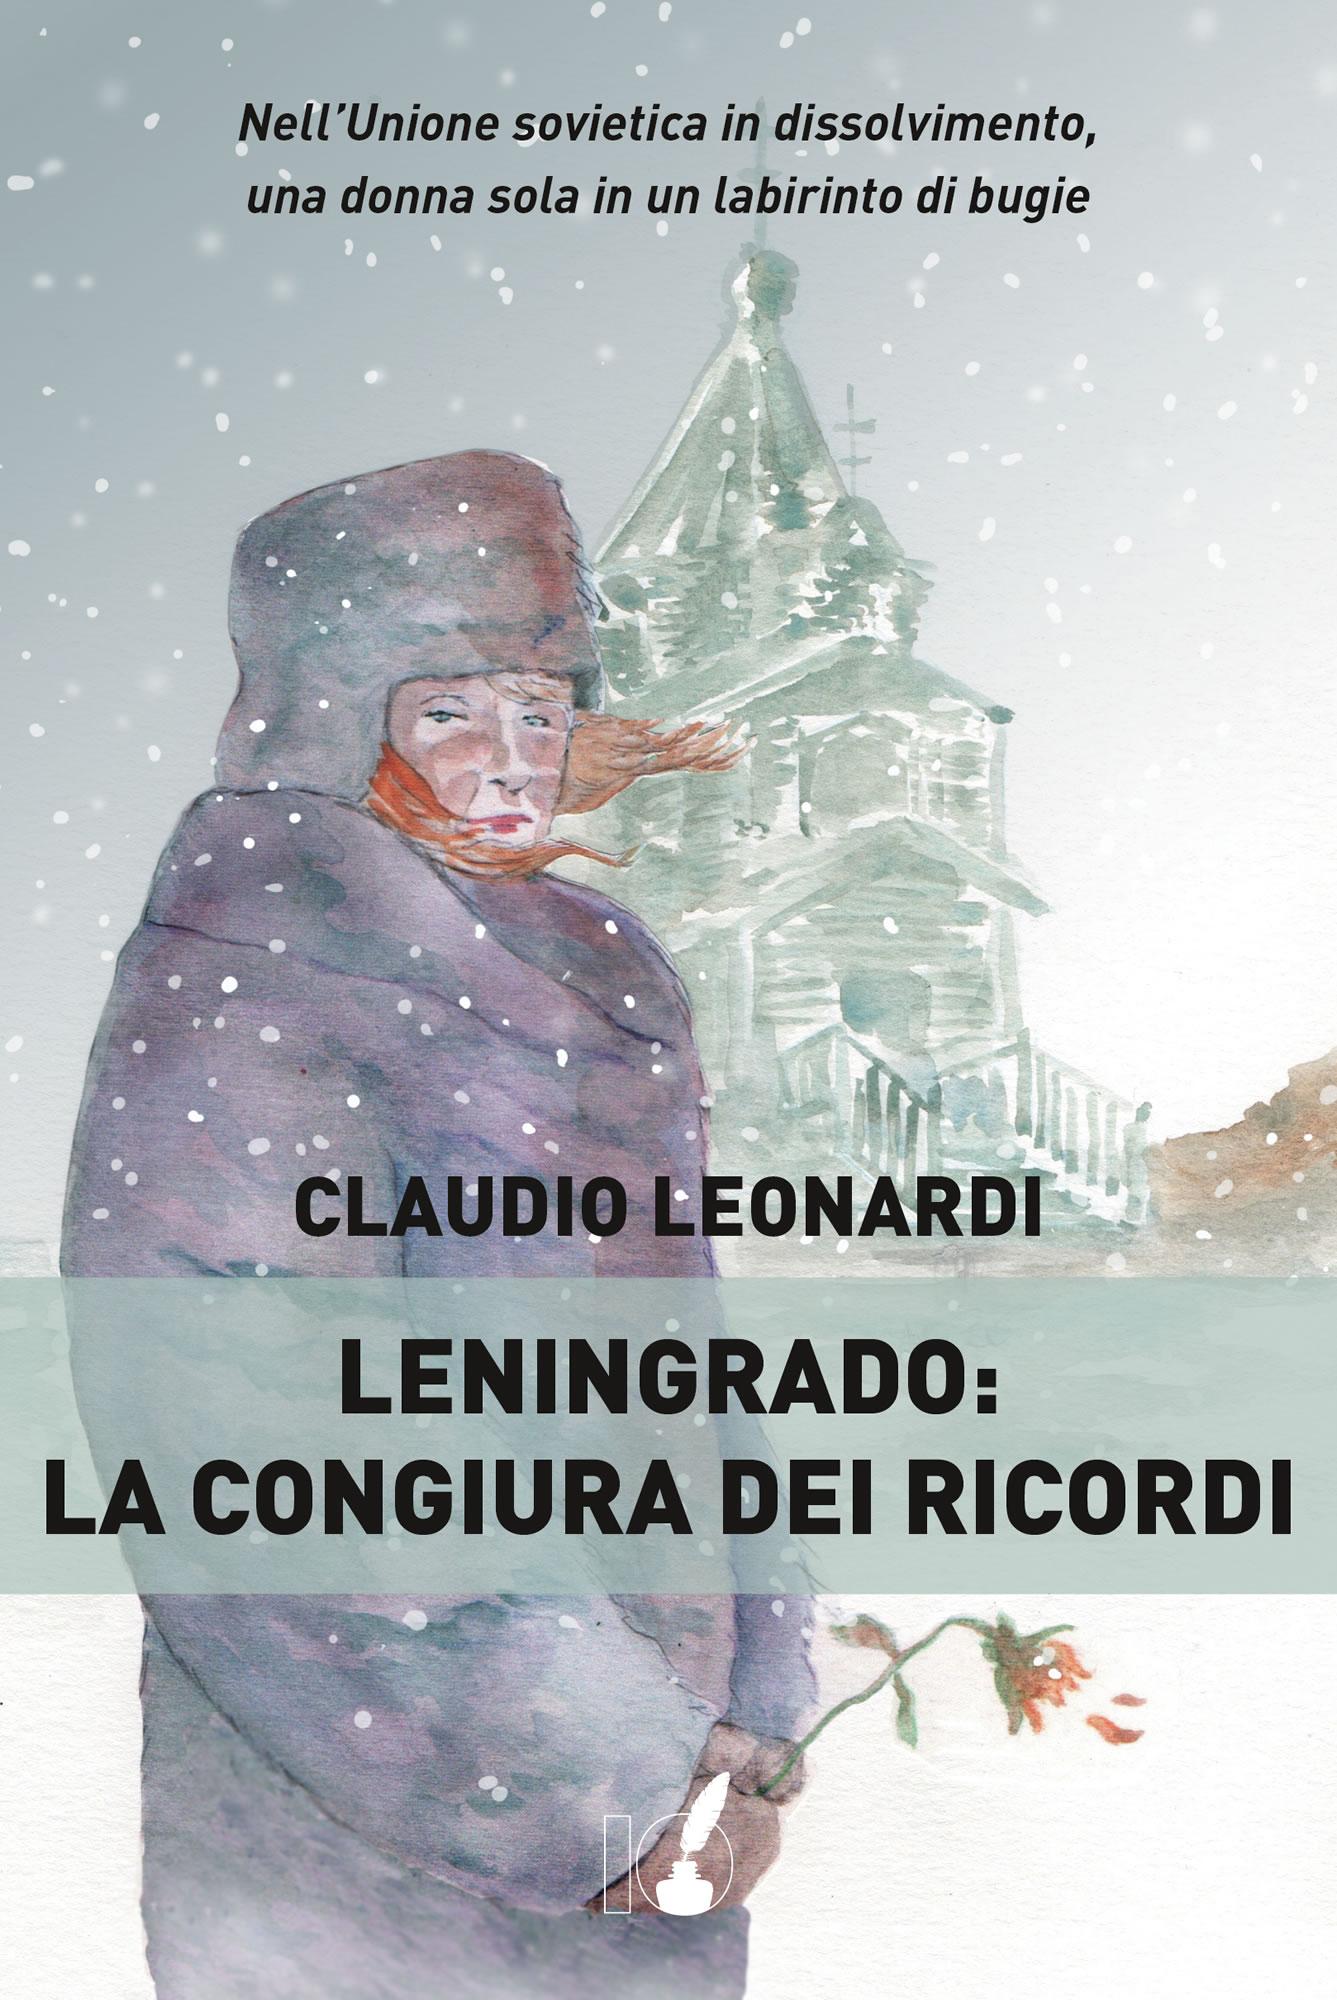 Leningrado: la congiura dei ricordi